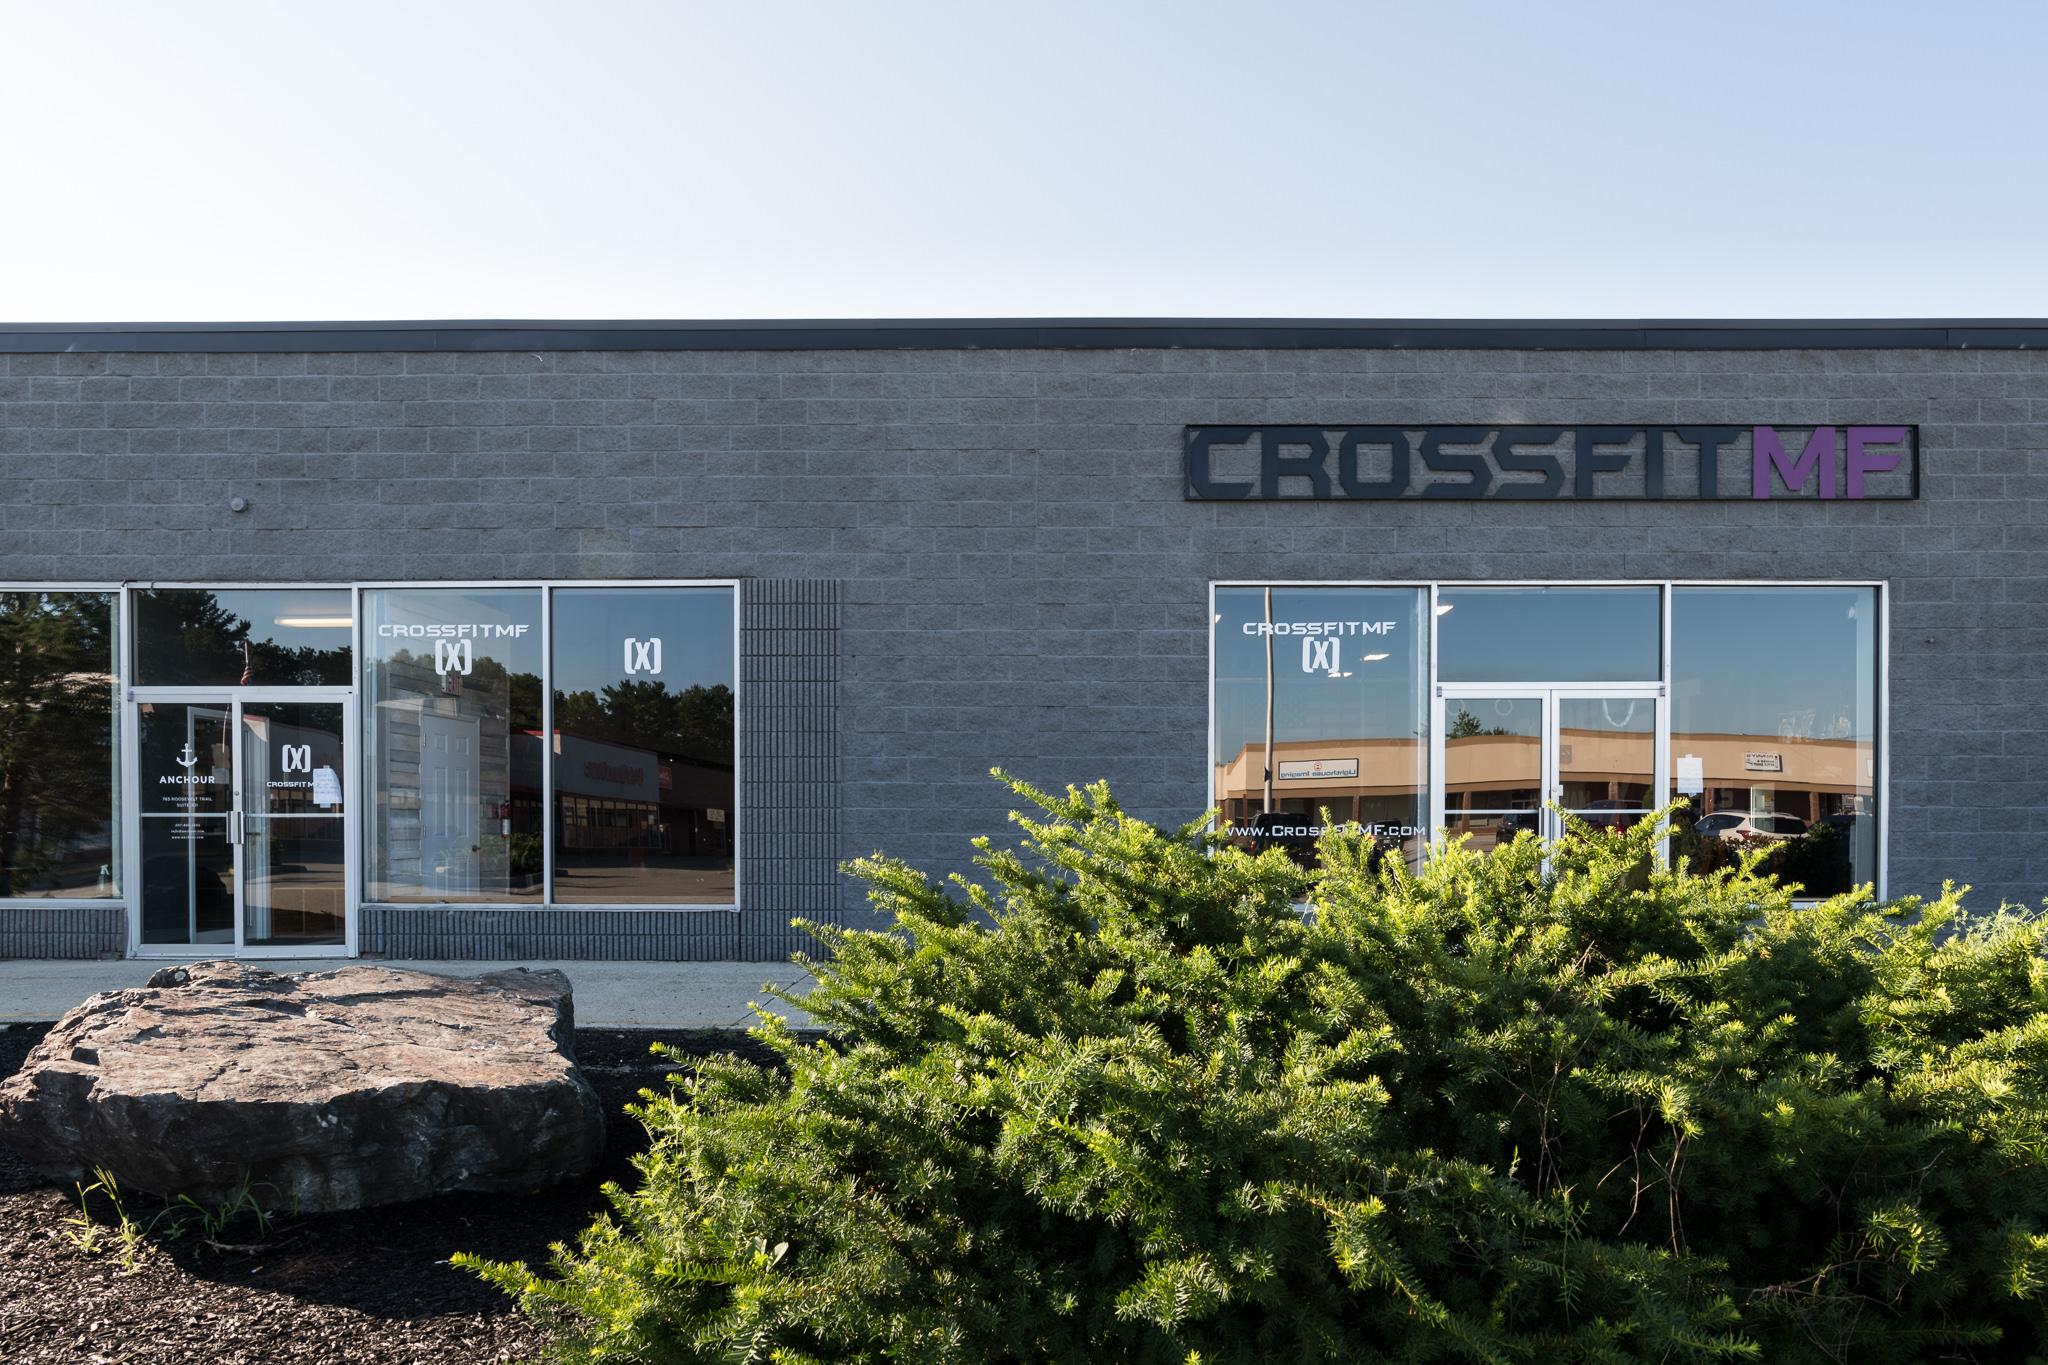 081018-Crossfit-MF-Windham-FACILITIES-1.jpg